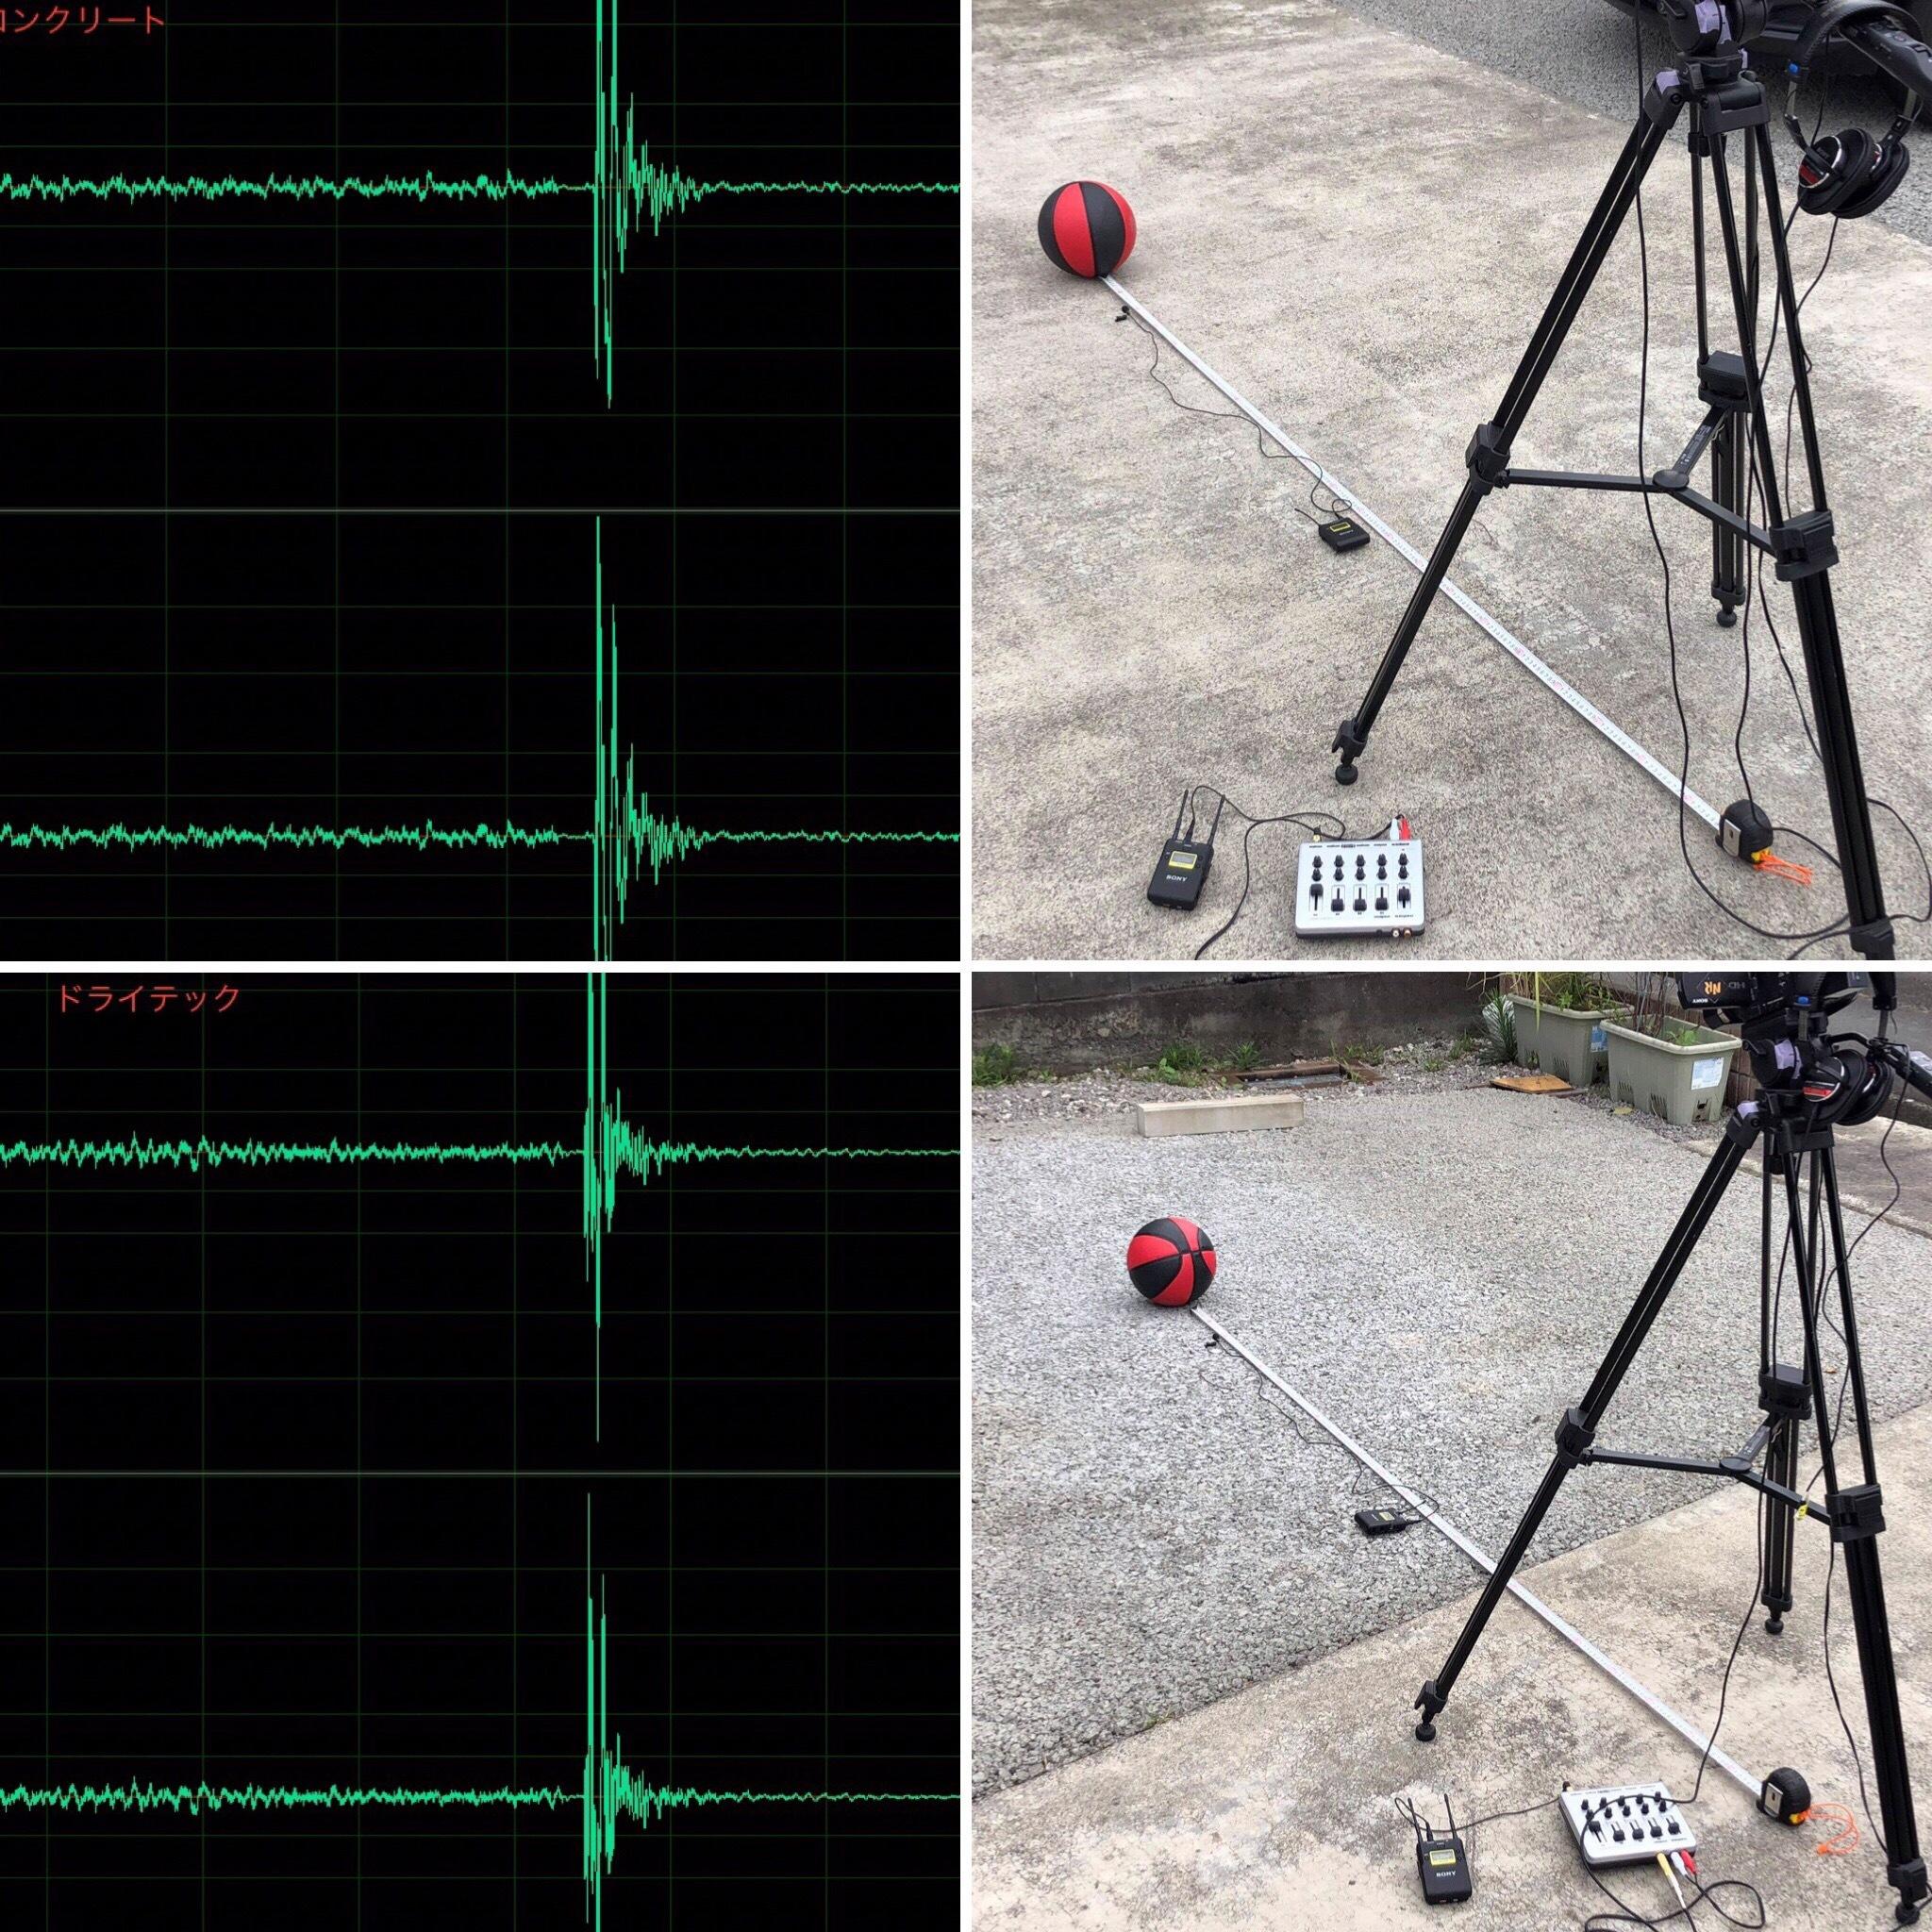 【緊急実験】「本当にドリブル音は低減されているのか?」マイクと波形で比較した【透水】vs【土間コン】